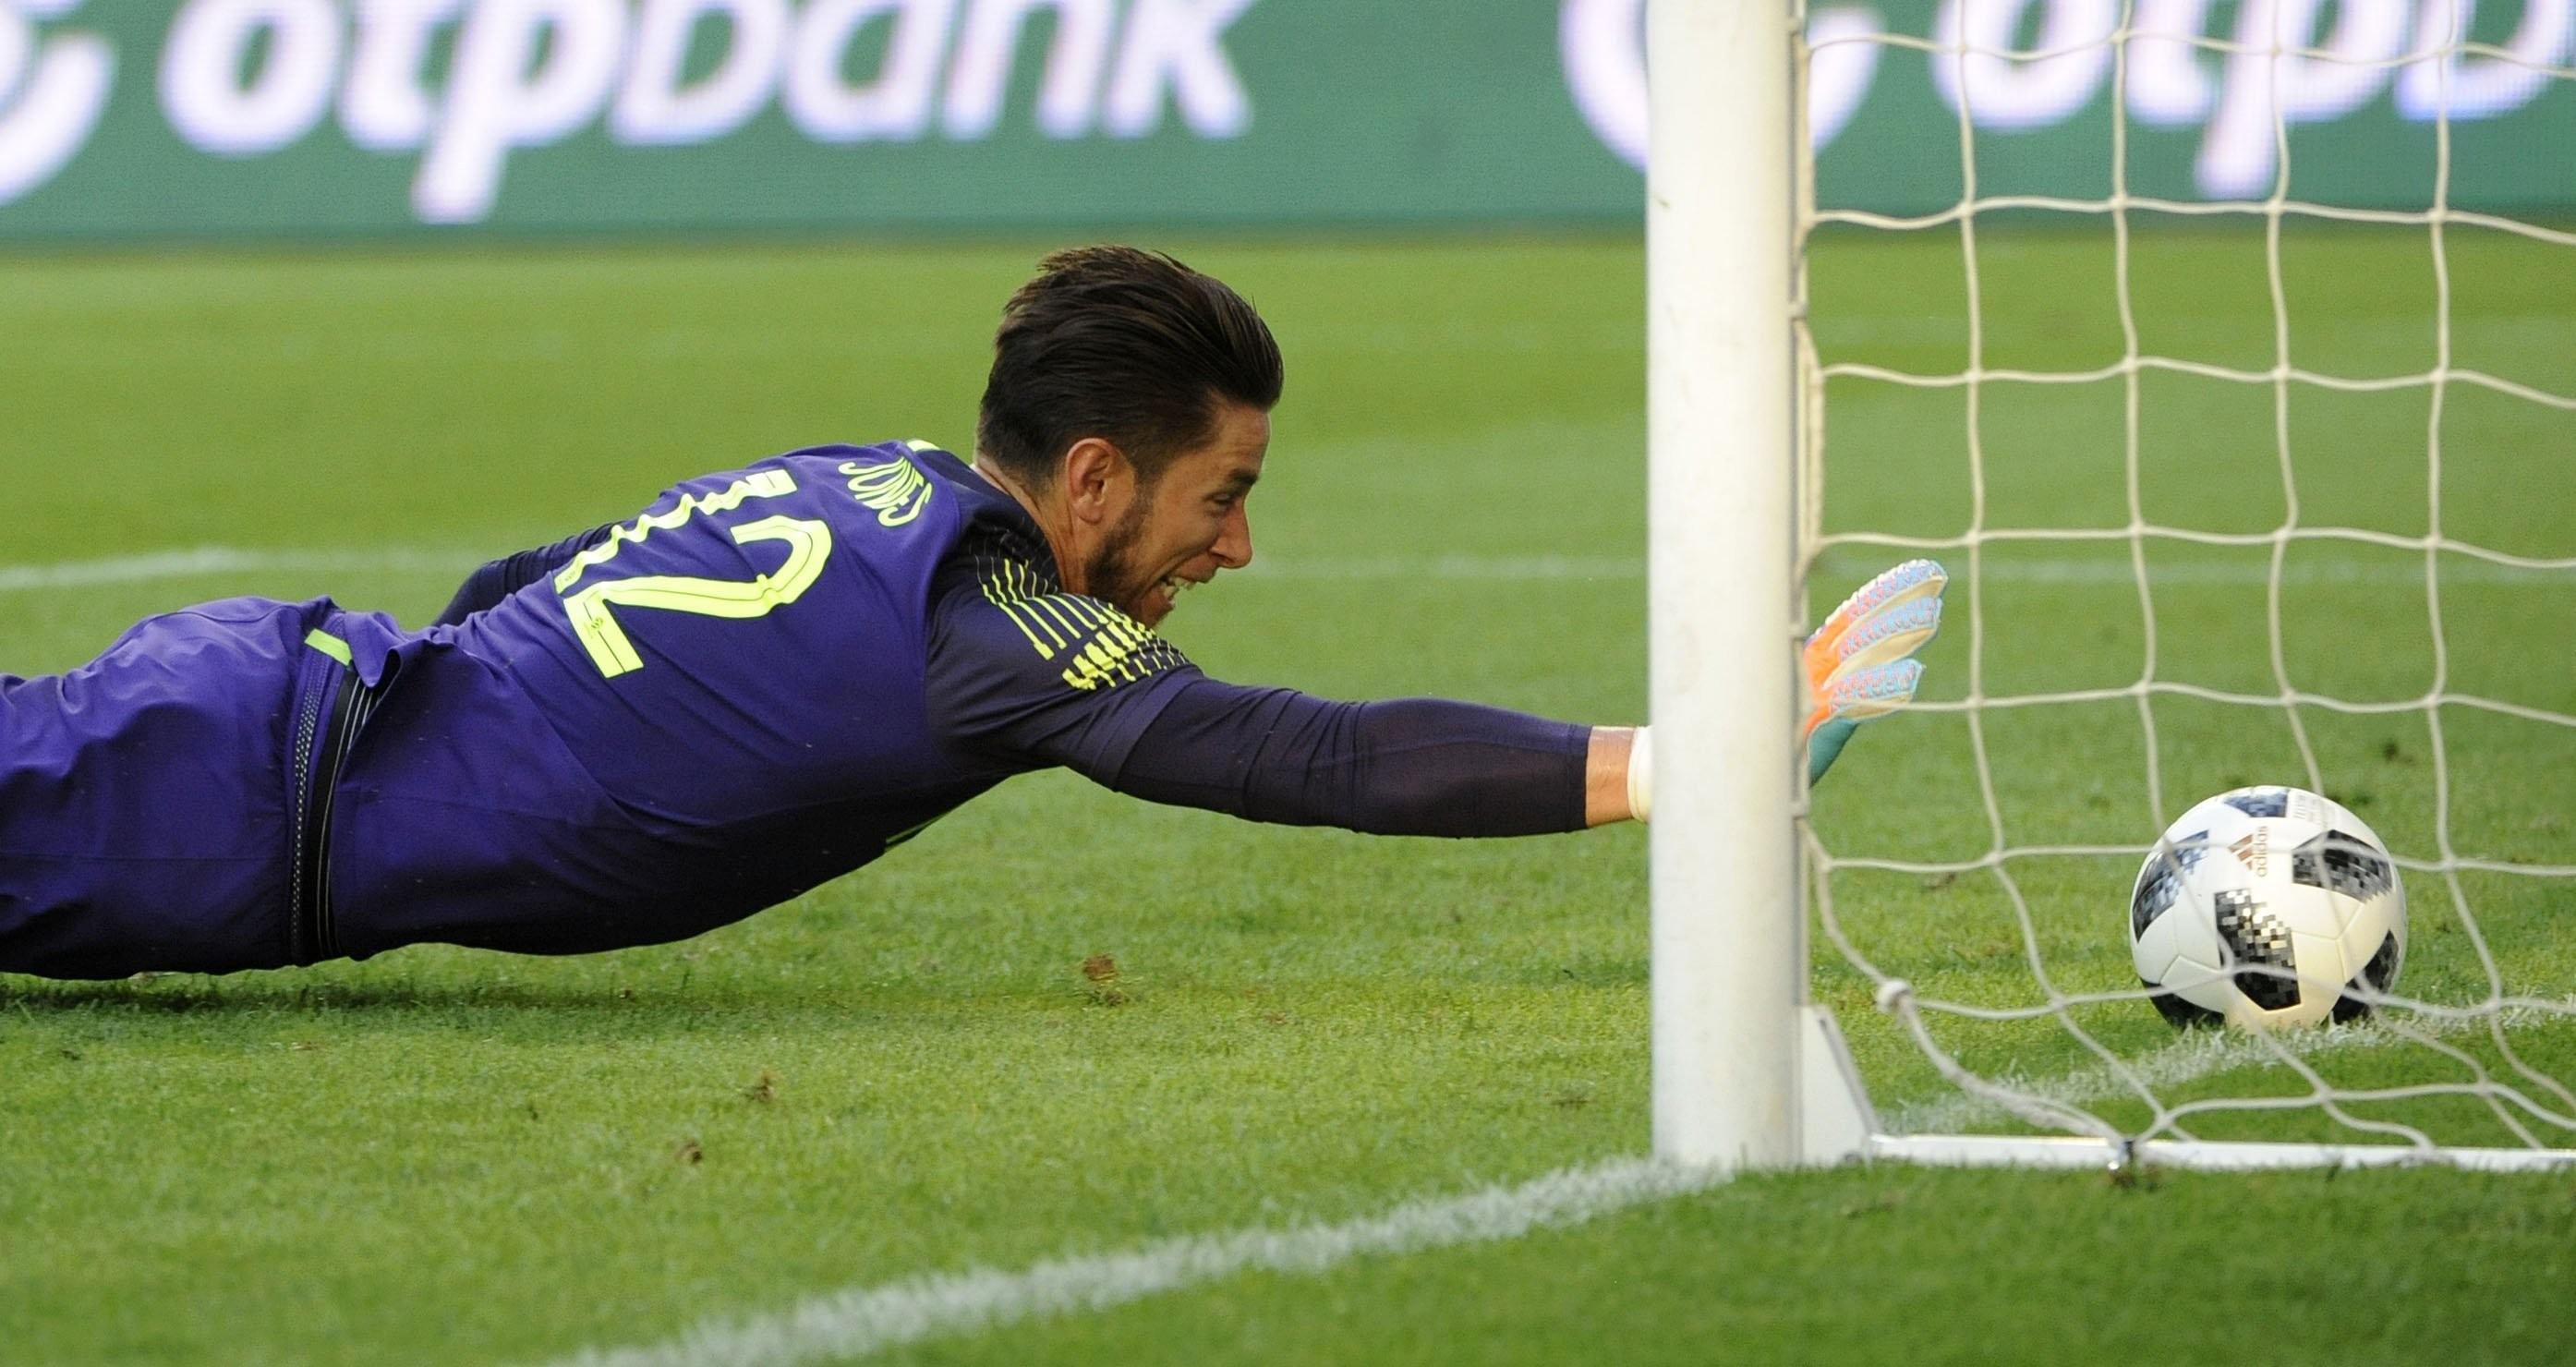 Labdarúgó-vb 2018 - A negyeddöntőkben is emelkedett a gólátlag